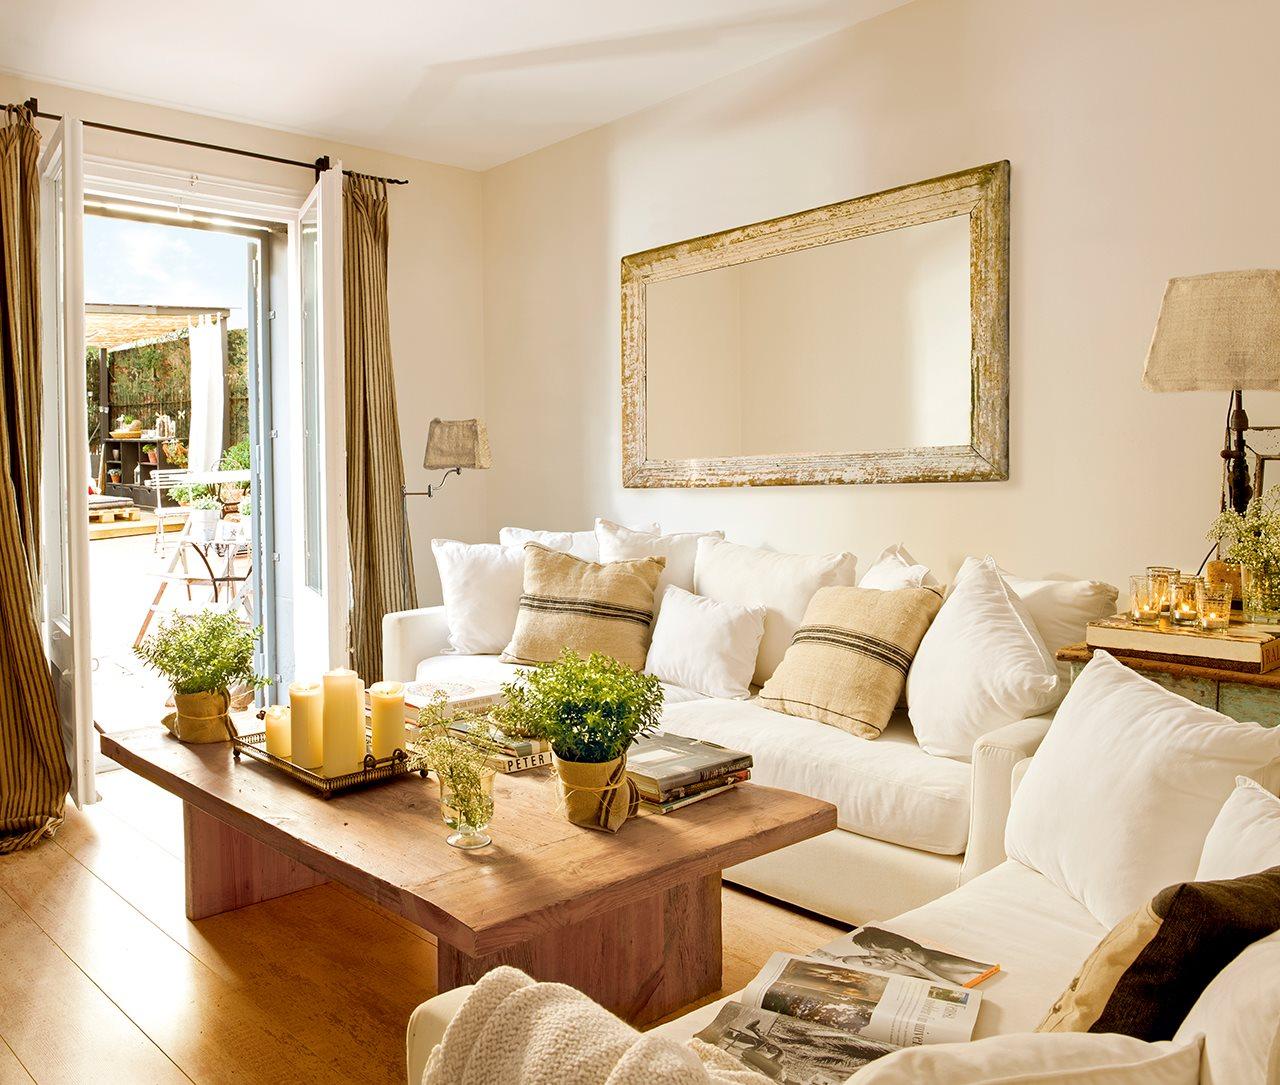 El gran cambio que se consigui con poco - Decorar muebles blancos ...